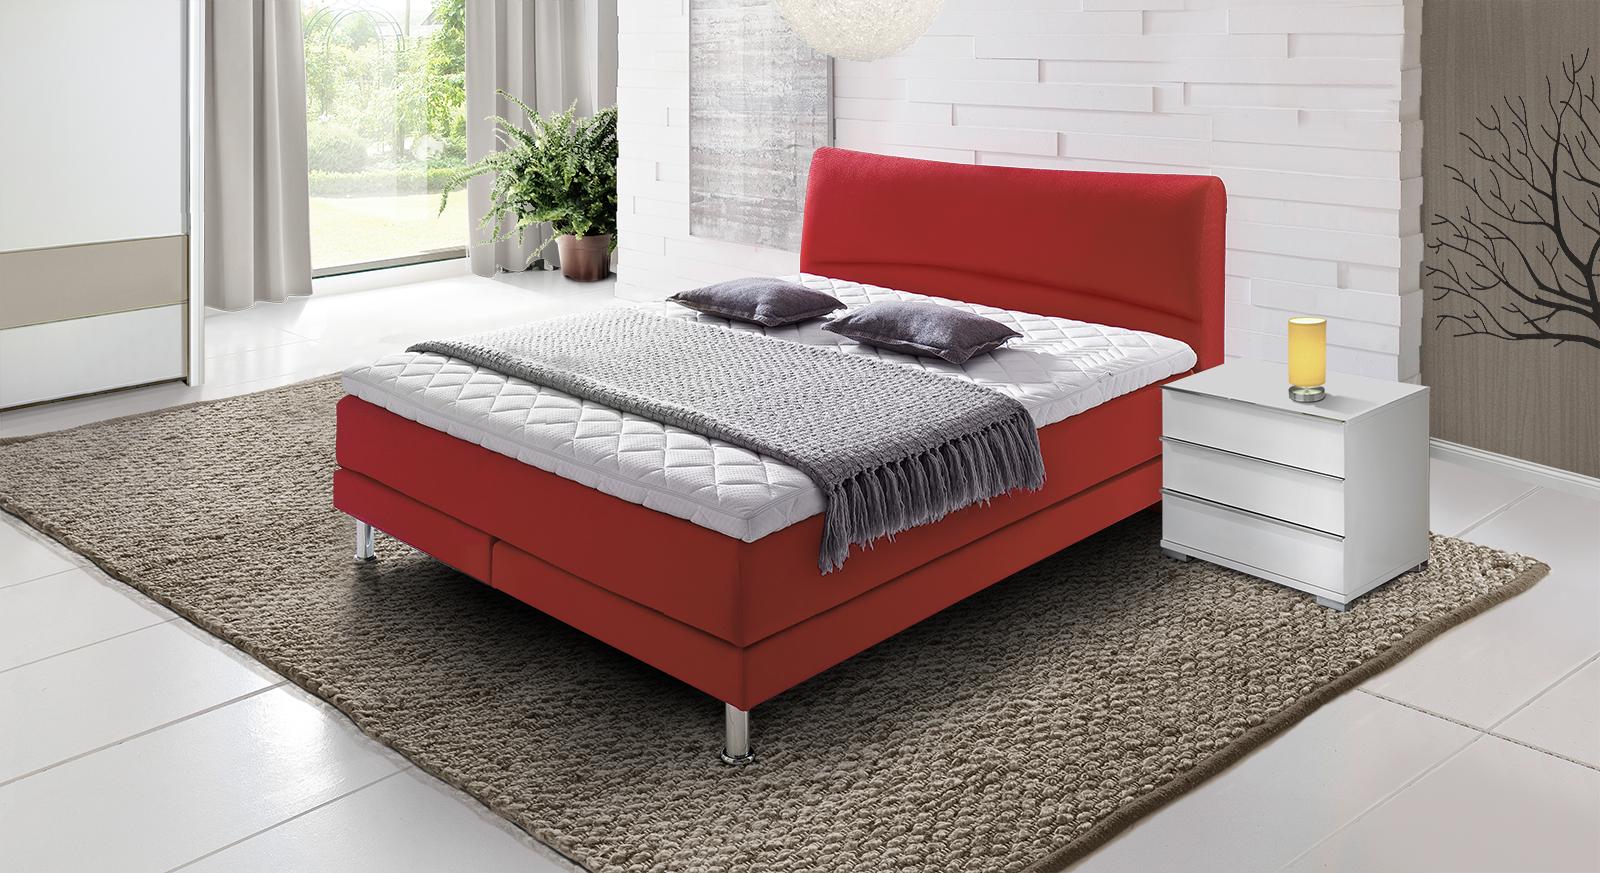 boxspringbett gr e 140x200 cm im h rtegrad h3 asheville. Black Bedroom Furniture Sets. Home Design Ideas